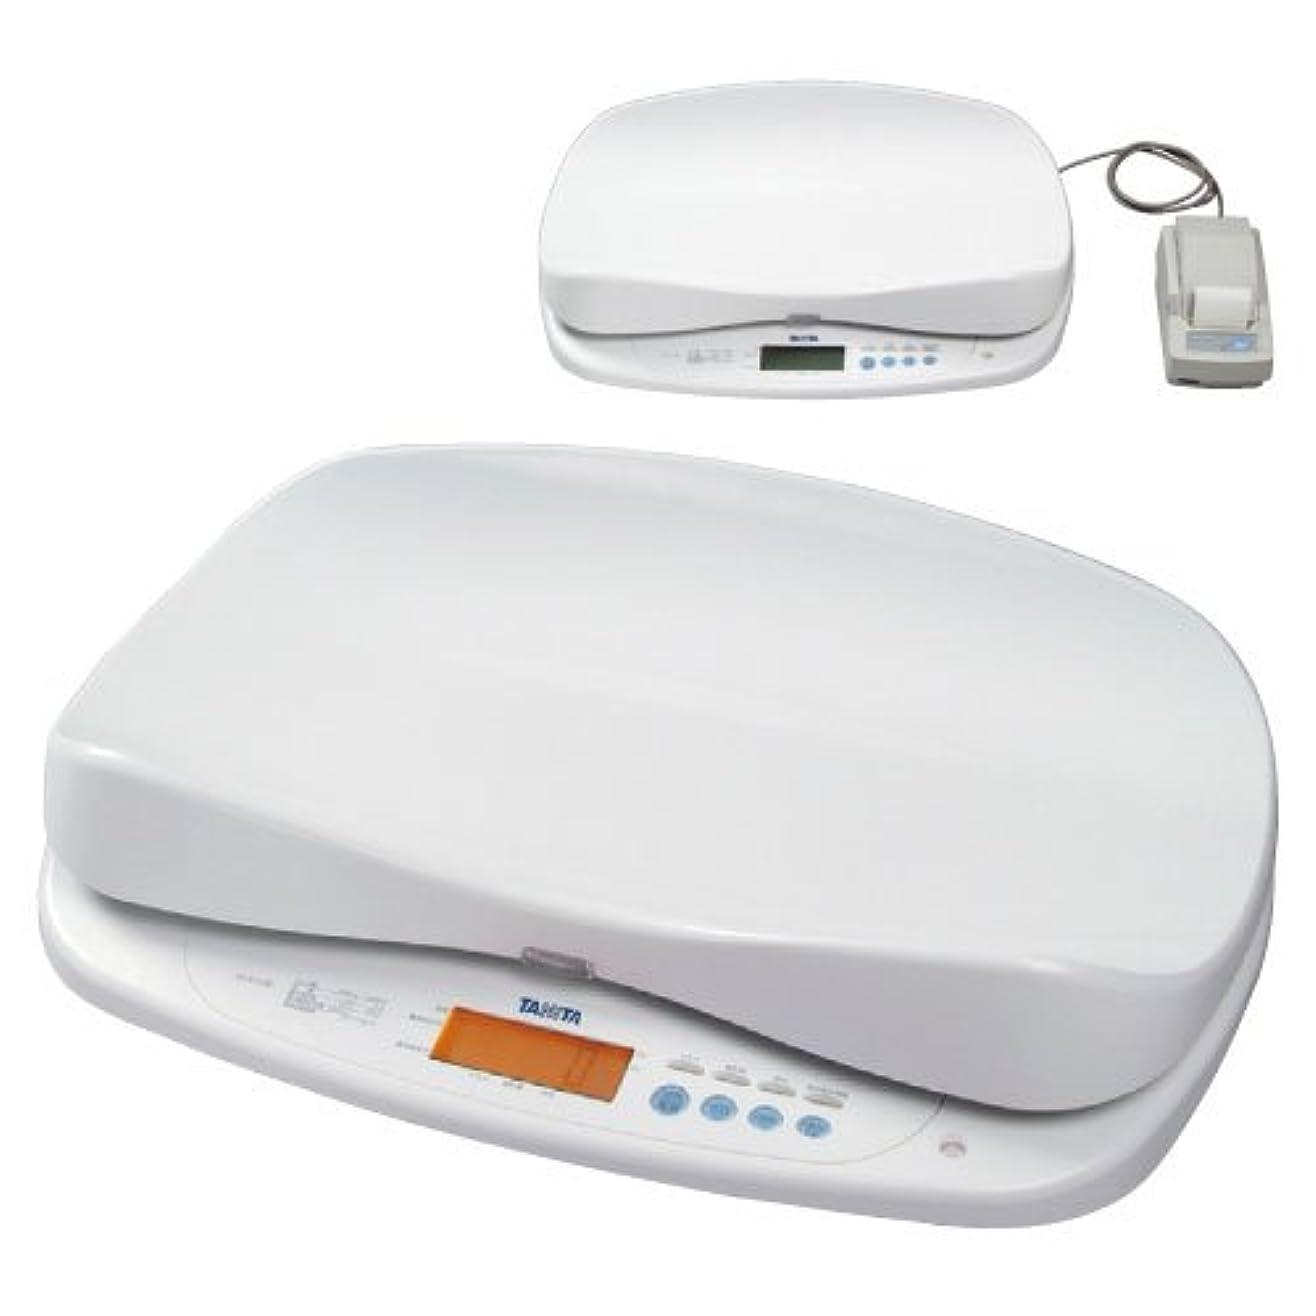 ワーディアンケースバッテリー特別な高精度ベビースケール(検定品) BD-815 13?14区仕様 タニタ